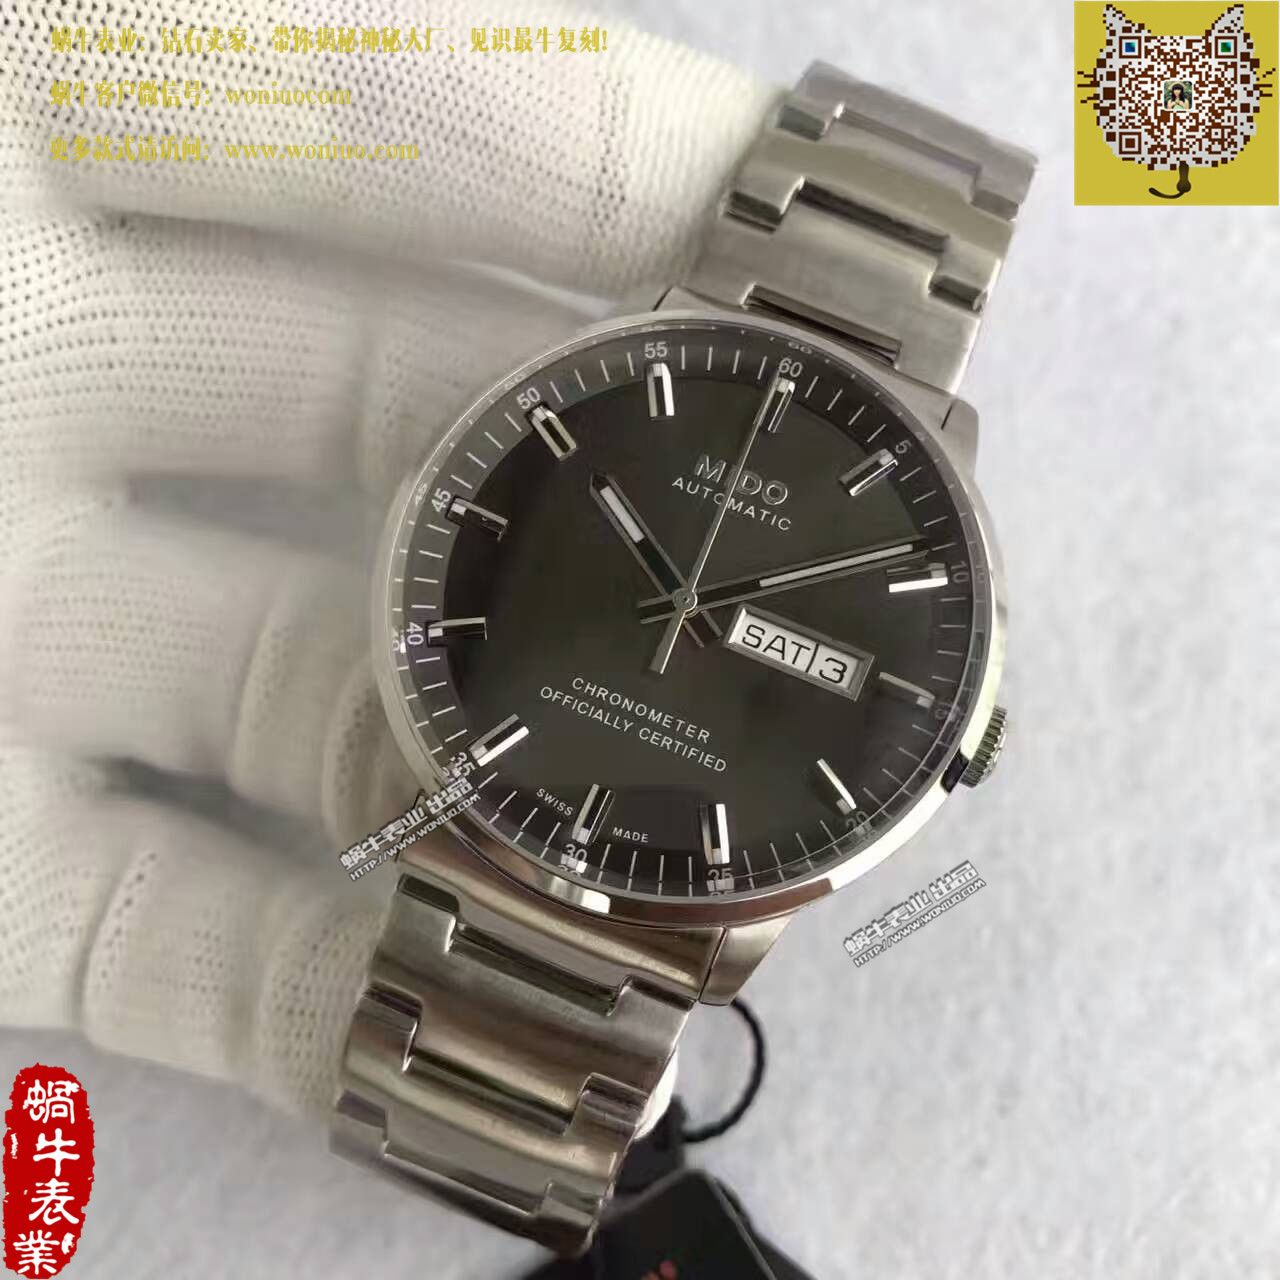 【台湾厂一比一顶级精仿手表】美度指挥官系列M021.431.11.061.00腕表 / M12